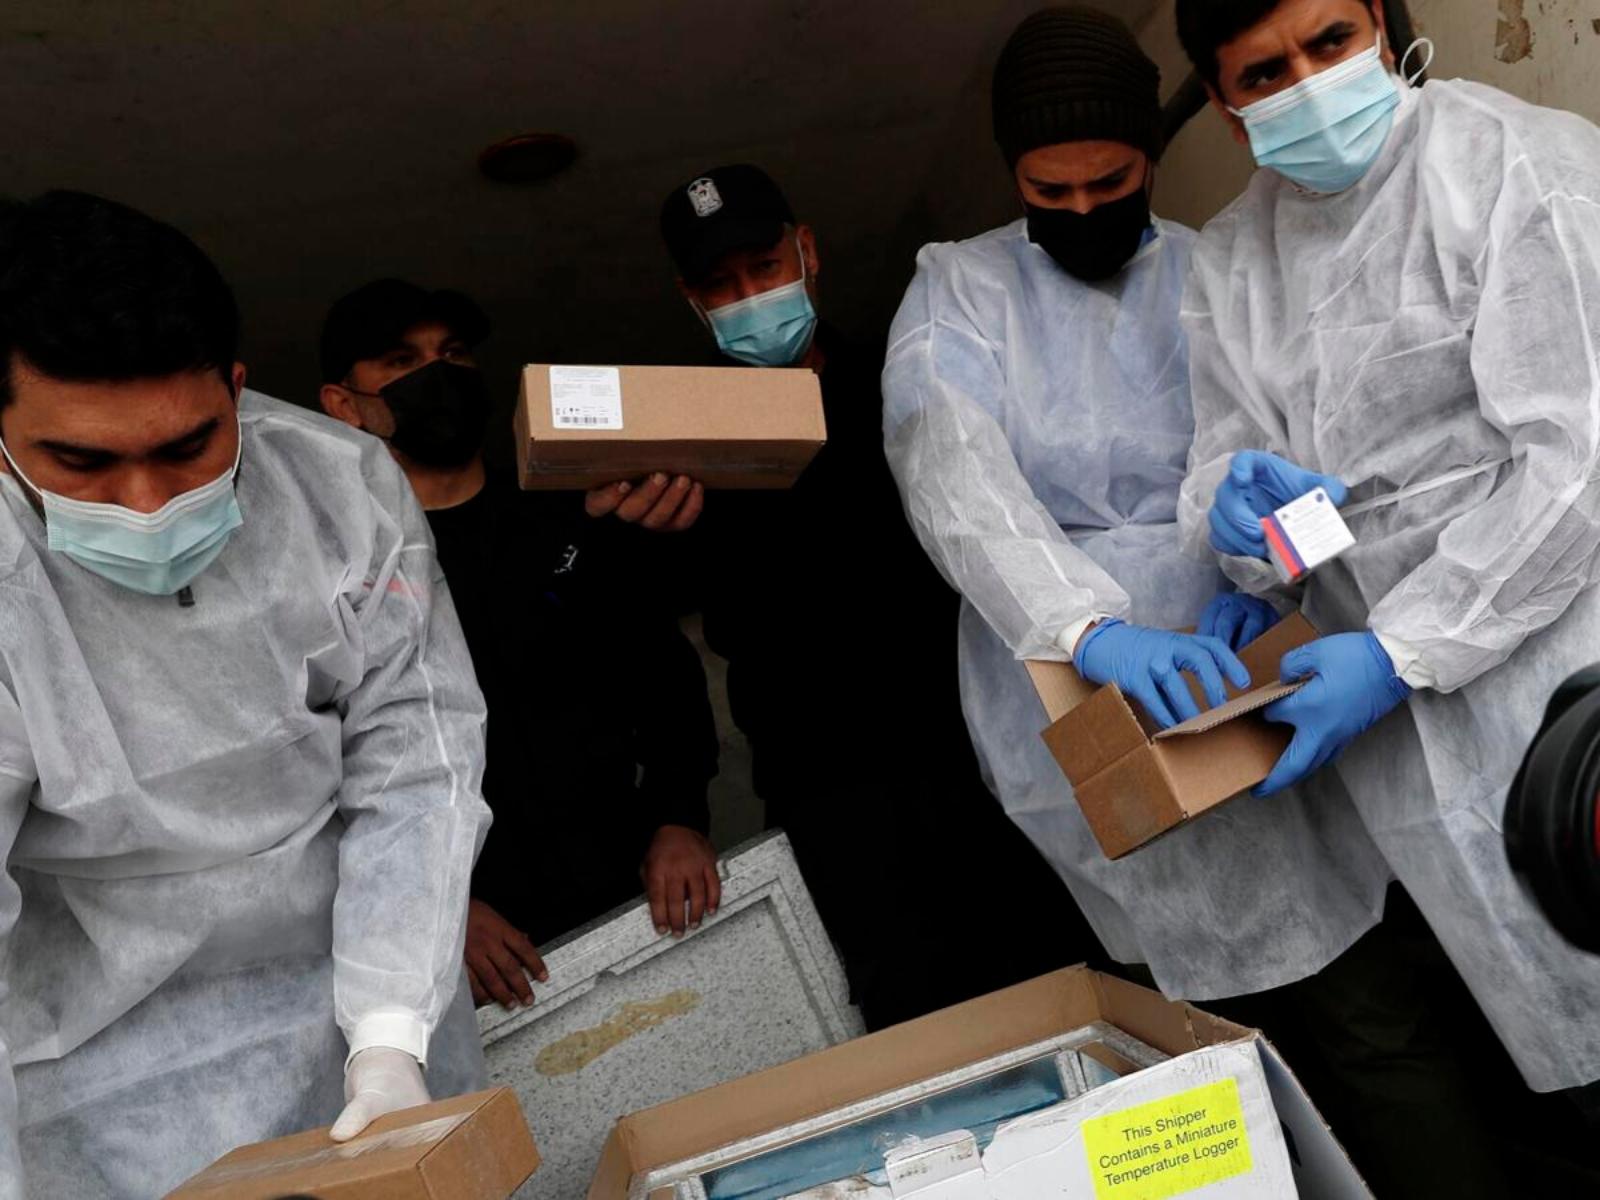 Κορωνοϊός Χαμάς: Εγκαινιάζει την εκστρατεία εμβολιασμού στη Λωρίδα της Γάζας